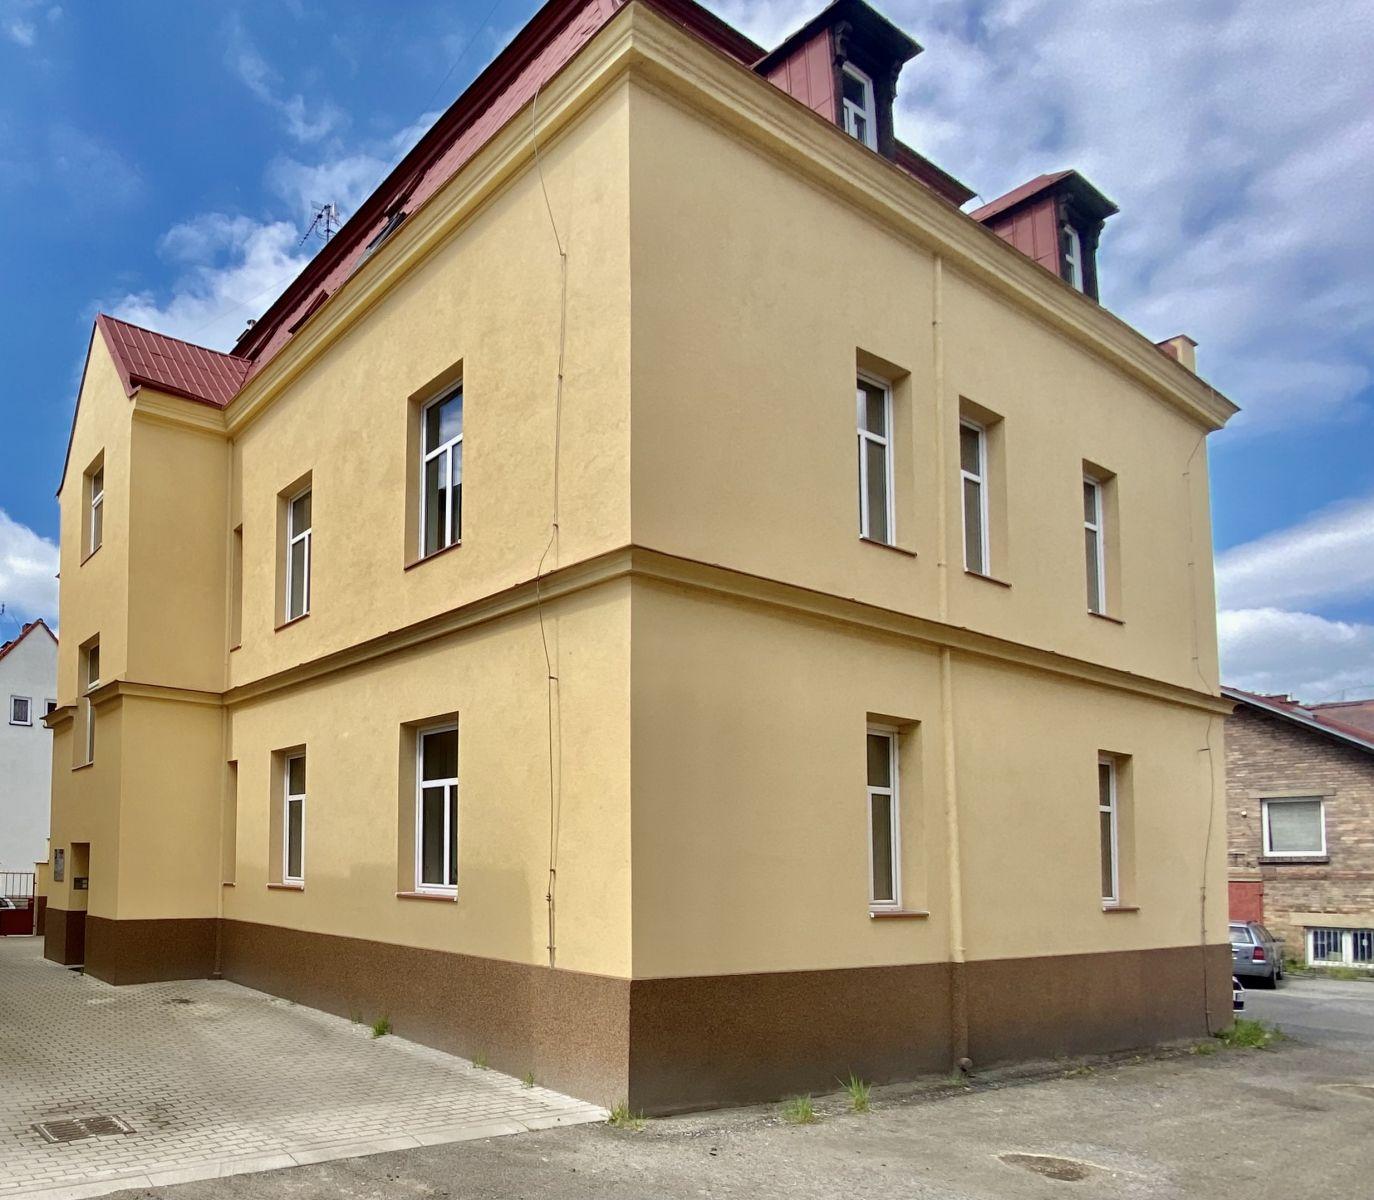 K pronájmu 2 kanceláře v administrativní budově v klidné části města Česká Lípa, ulice u Katovny